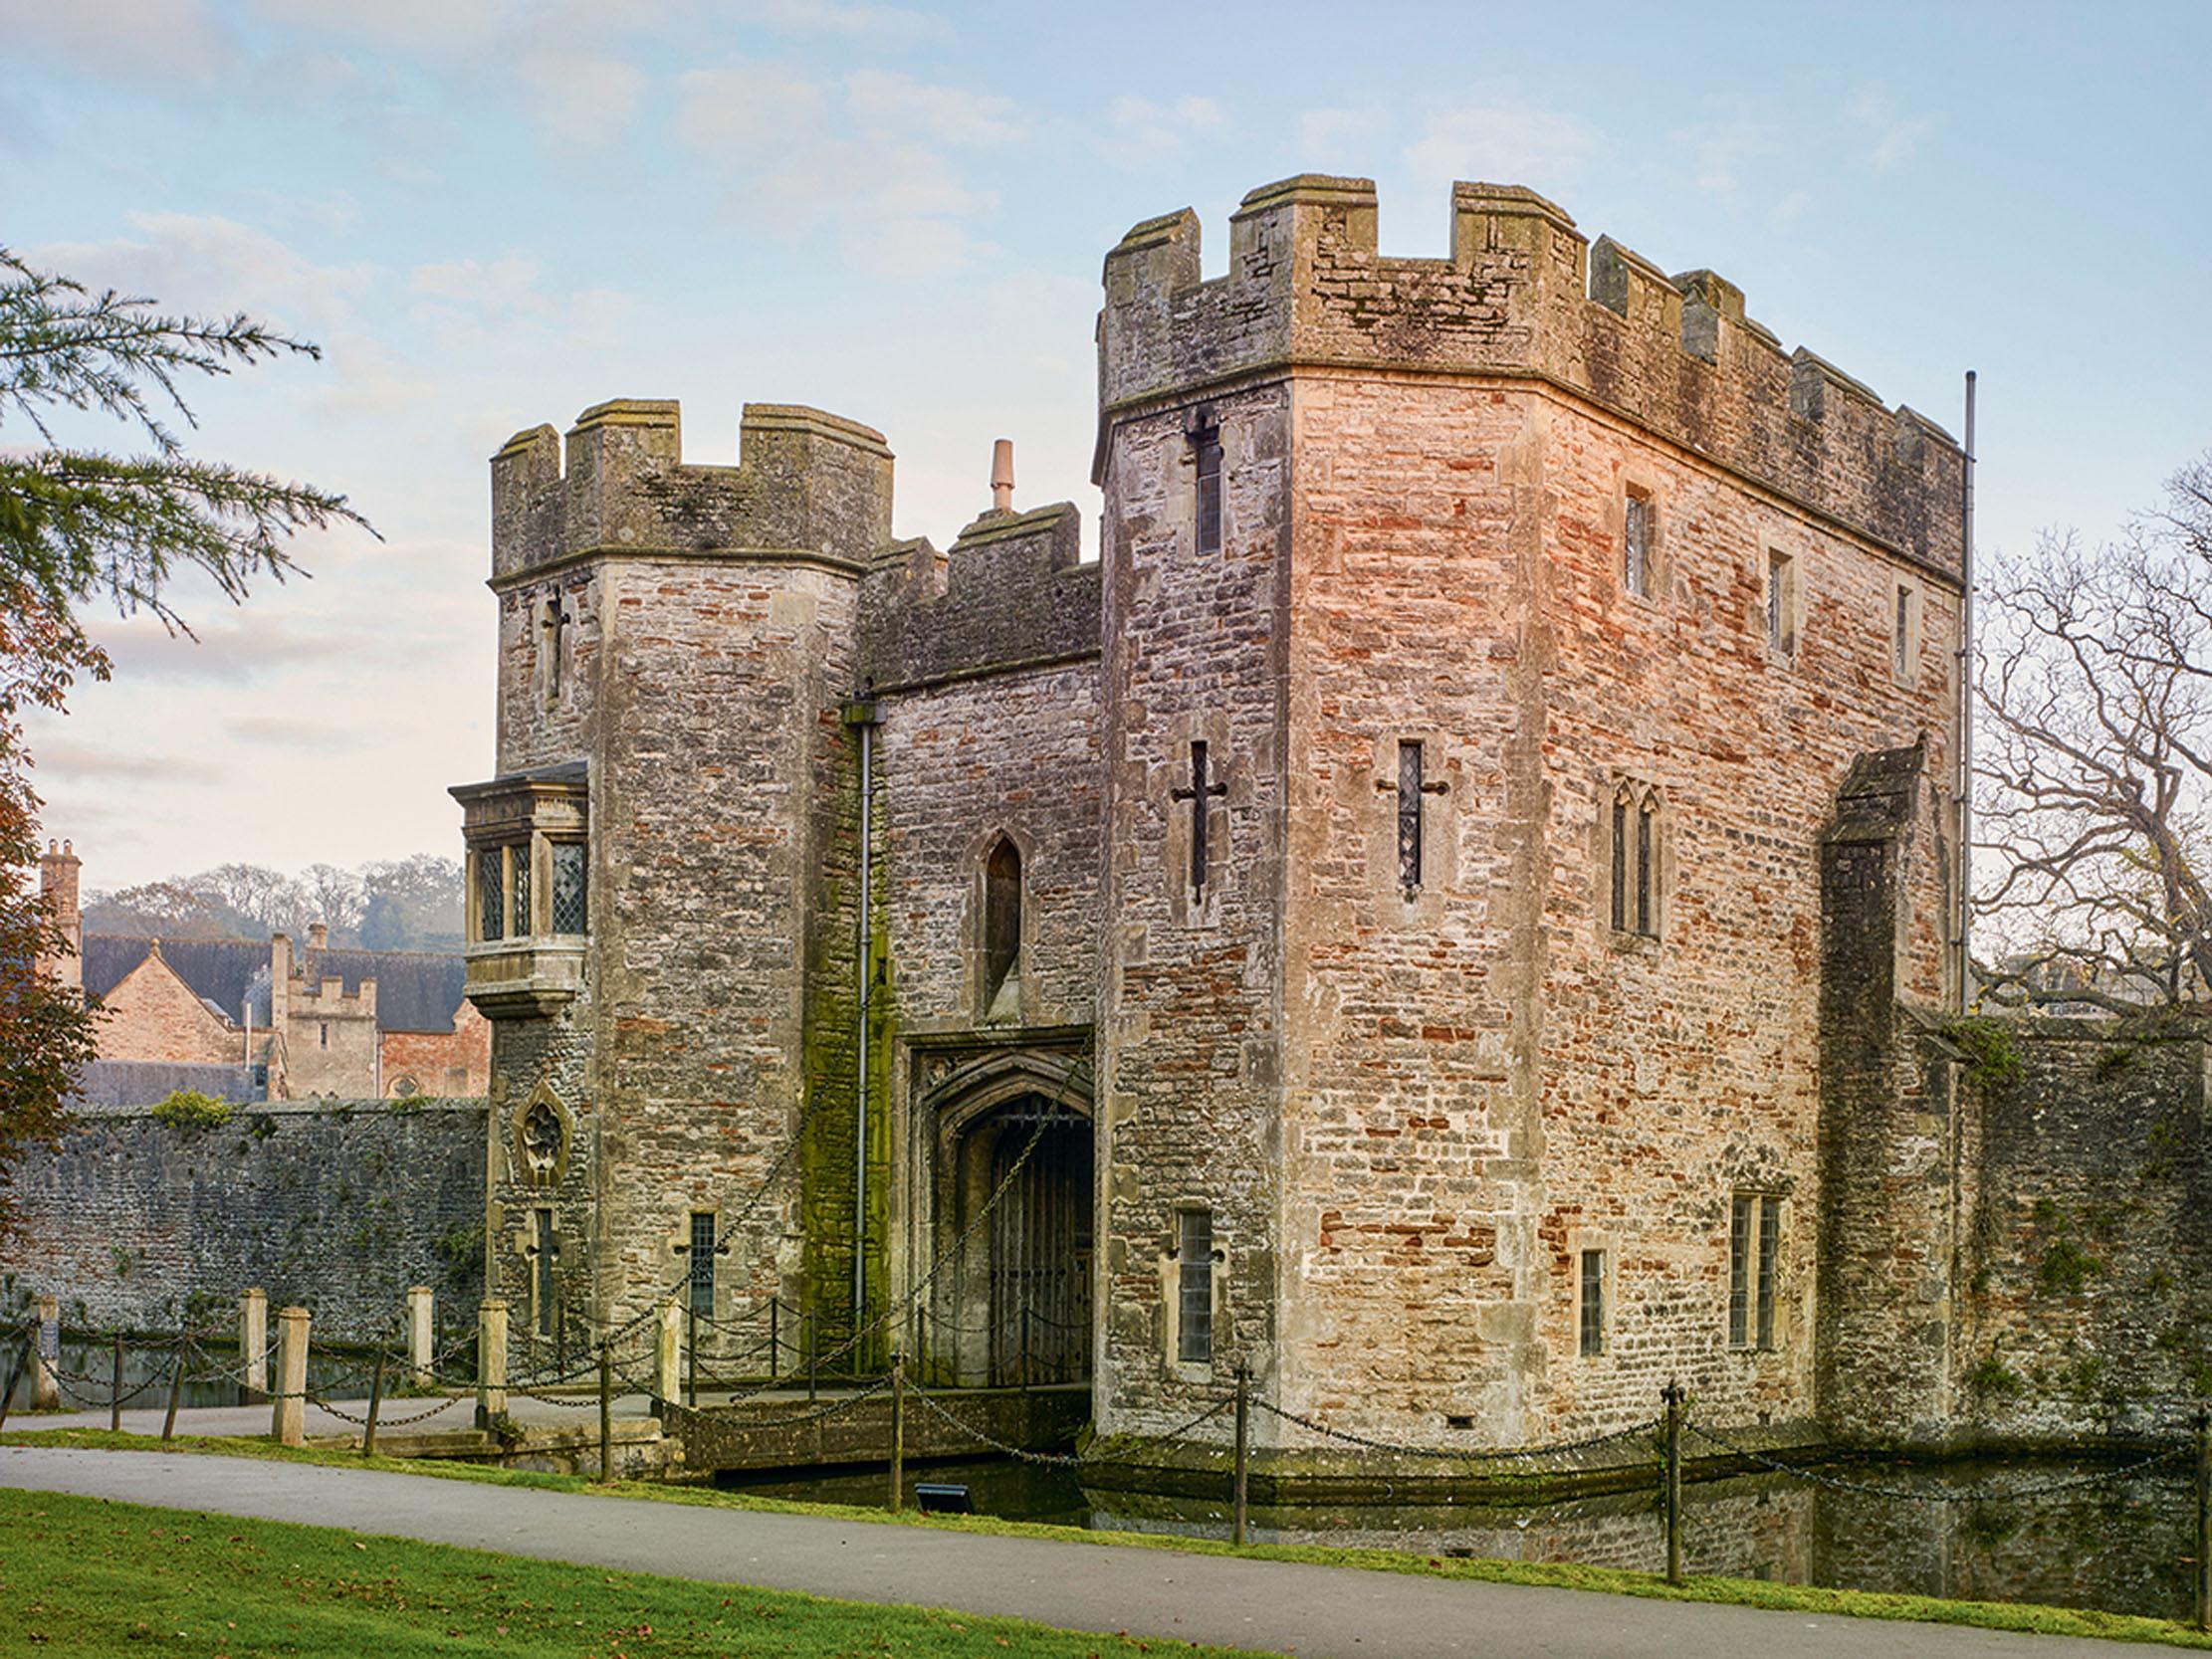 Bishop_s-Palace-Credit-Paul-Higham-01_148638702_243546361.jpg